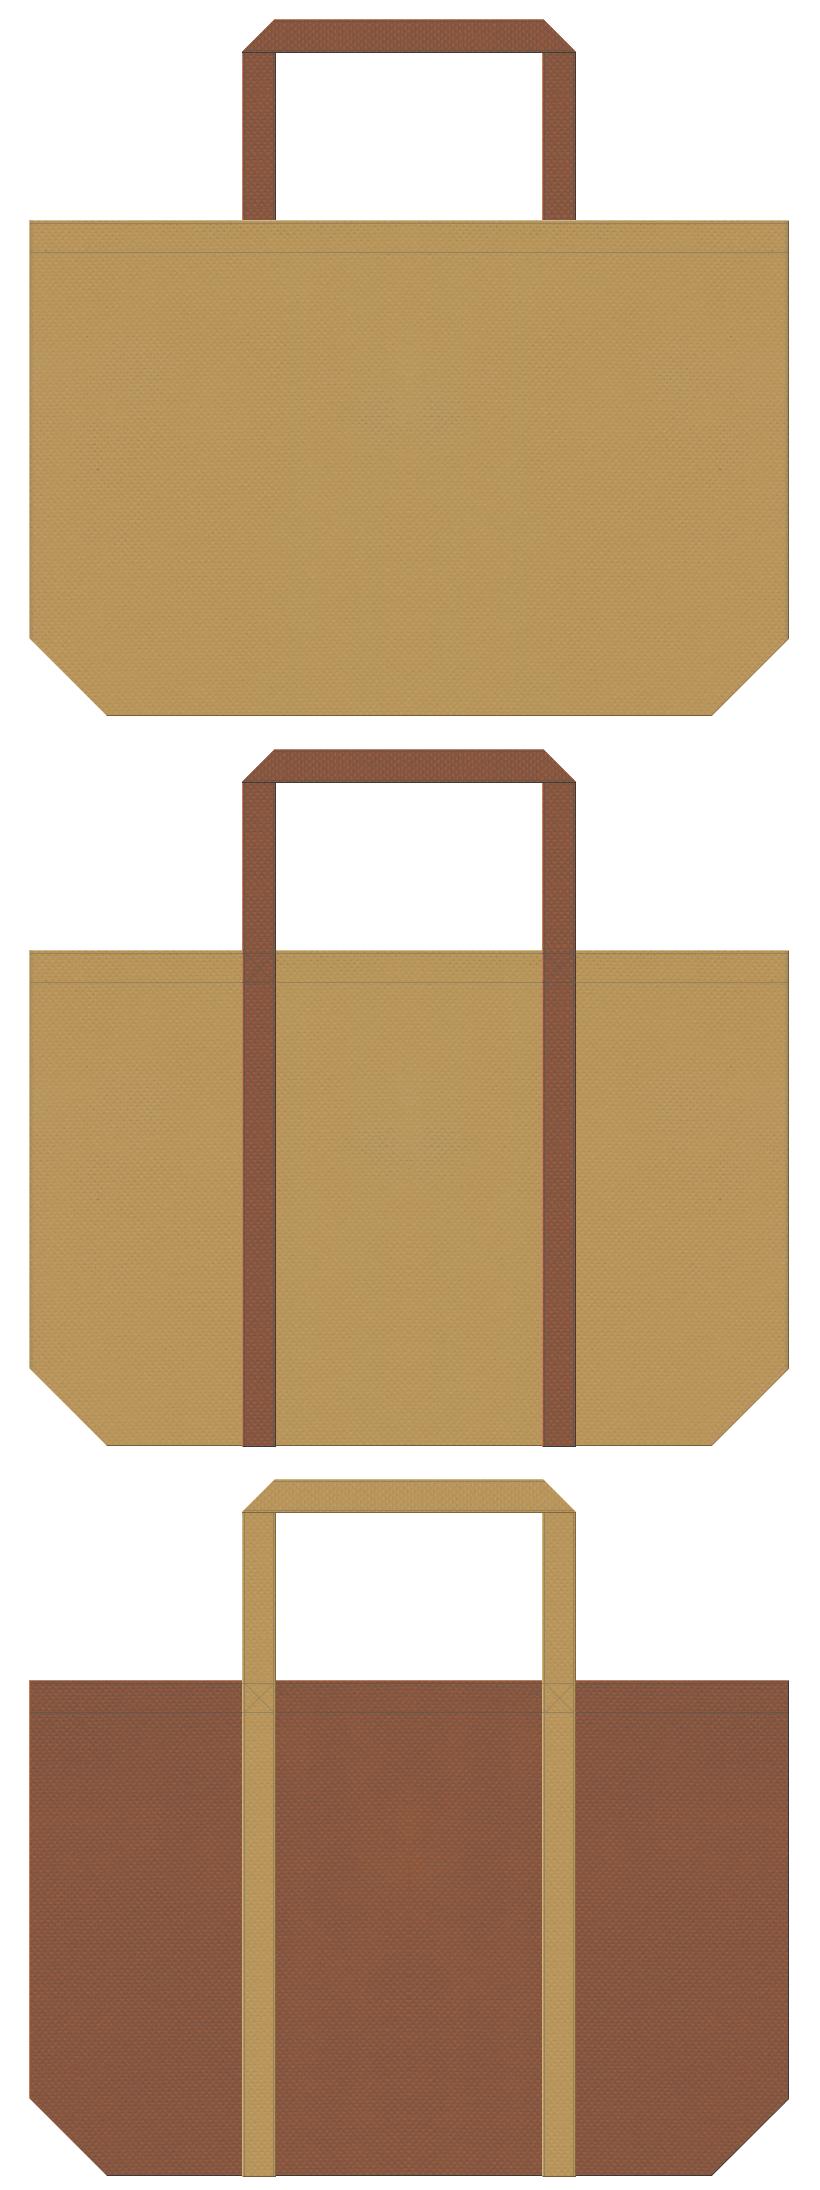 恐竜・化石・原始時代・マンモス・考古学・遺跡・薄皮饅頭・肉まん・めんつゆ・かつおぶし・芋焼酎・木材・日曜大工・工作教室・DIY・木製インテリア・木製食器のショッピングバッグにお奨めの不織布バッグデザイン:マスタード色と茶色のコーデ